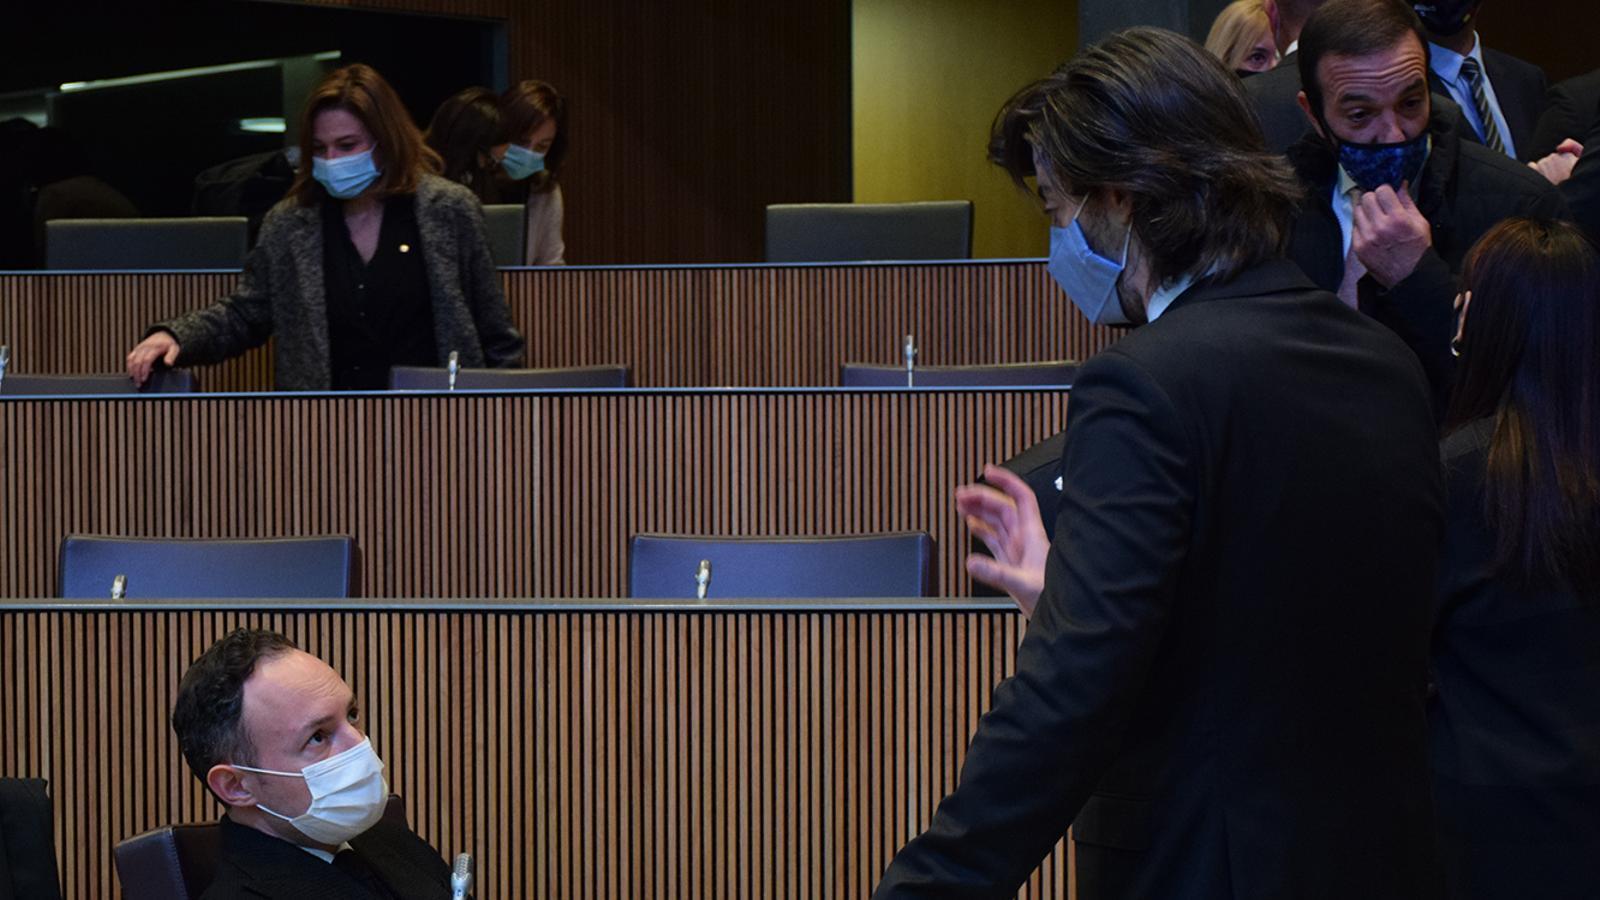 El cap de Govern, Xavier Espot, conversa amb el president del grup parlamentari demòcrata, Carles Ensenyat, moments abans de l'inici de la sessió. / M. F. (ANA)